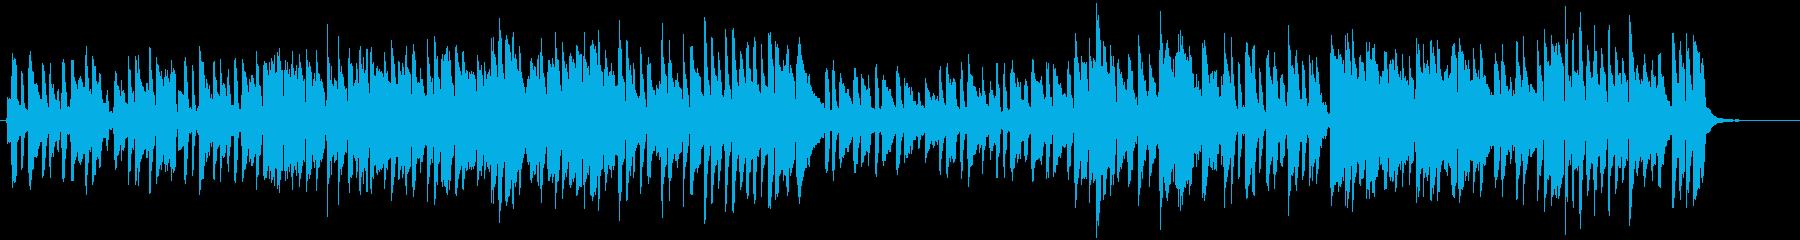 楽しげなピアノ曲の再生済みの波形